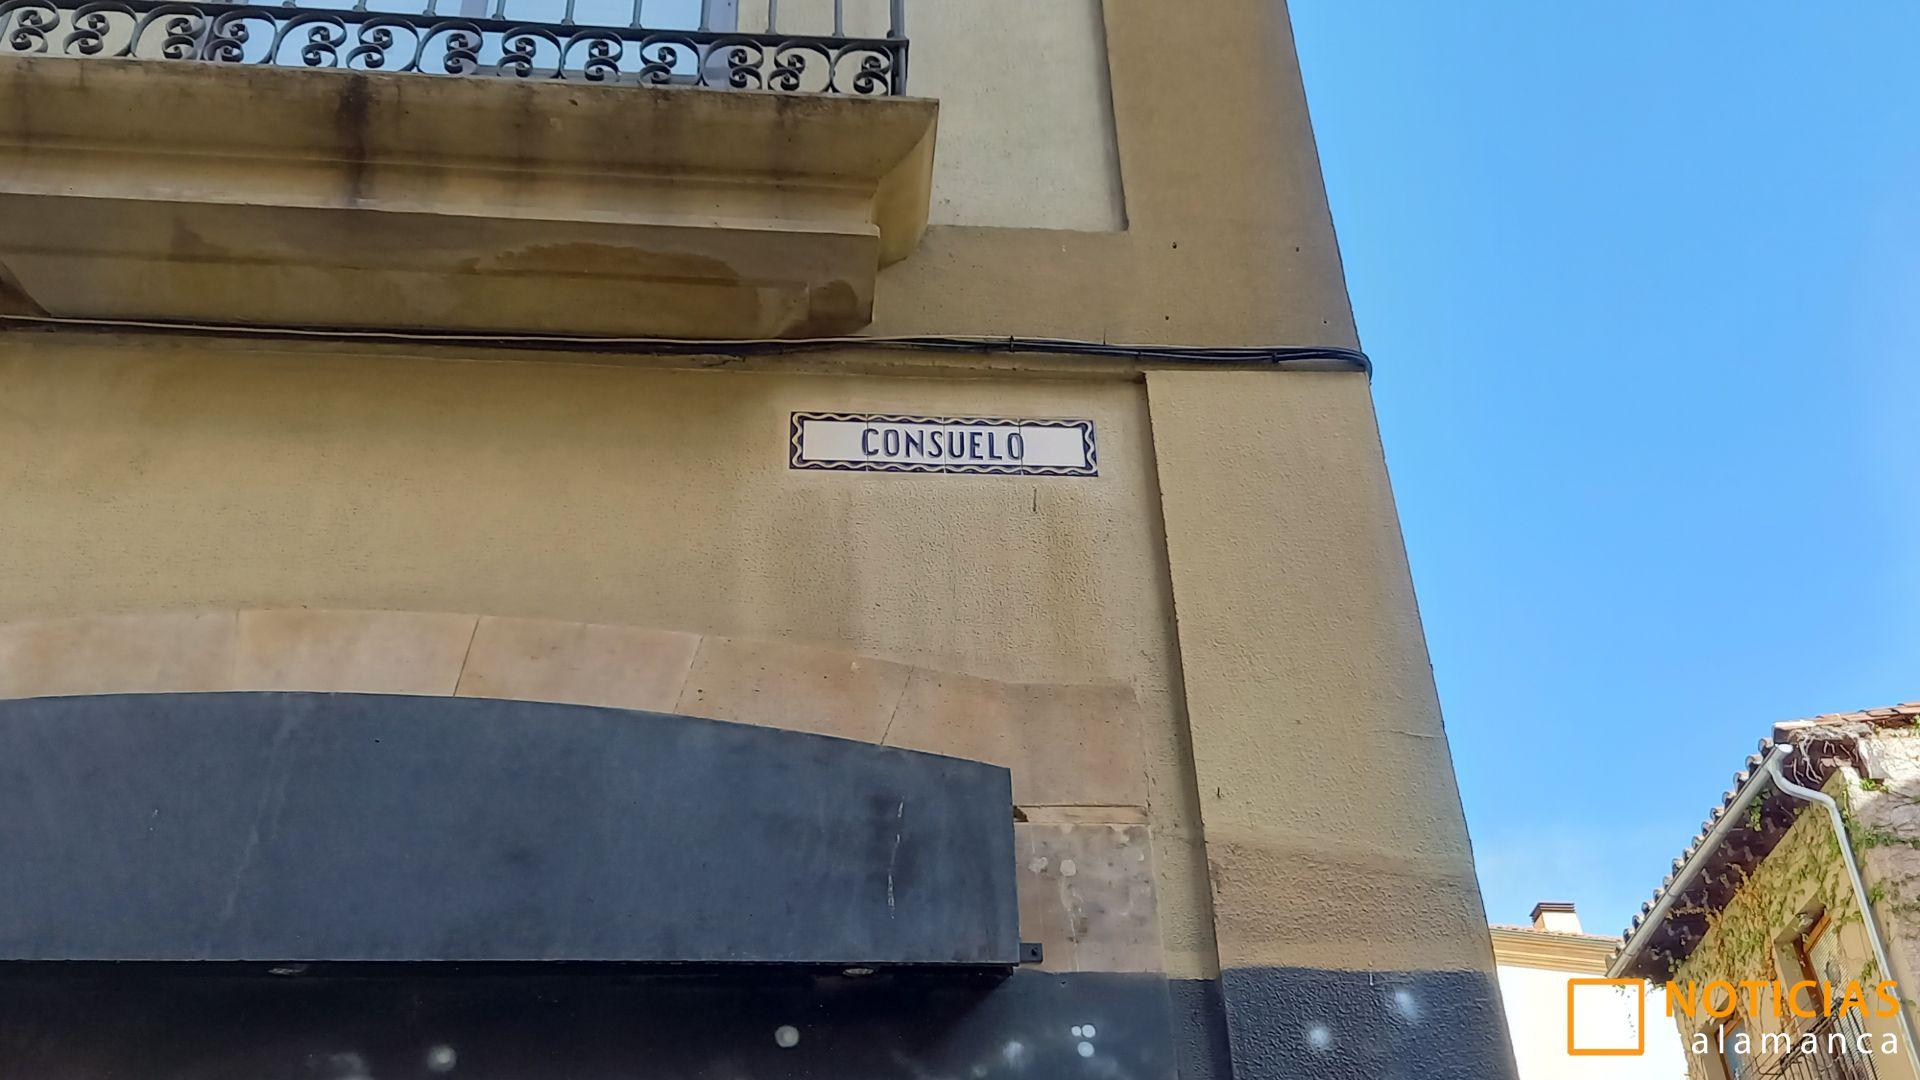 Calle Consuelo